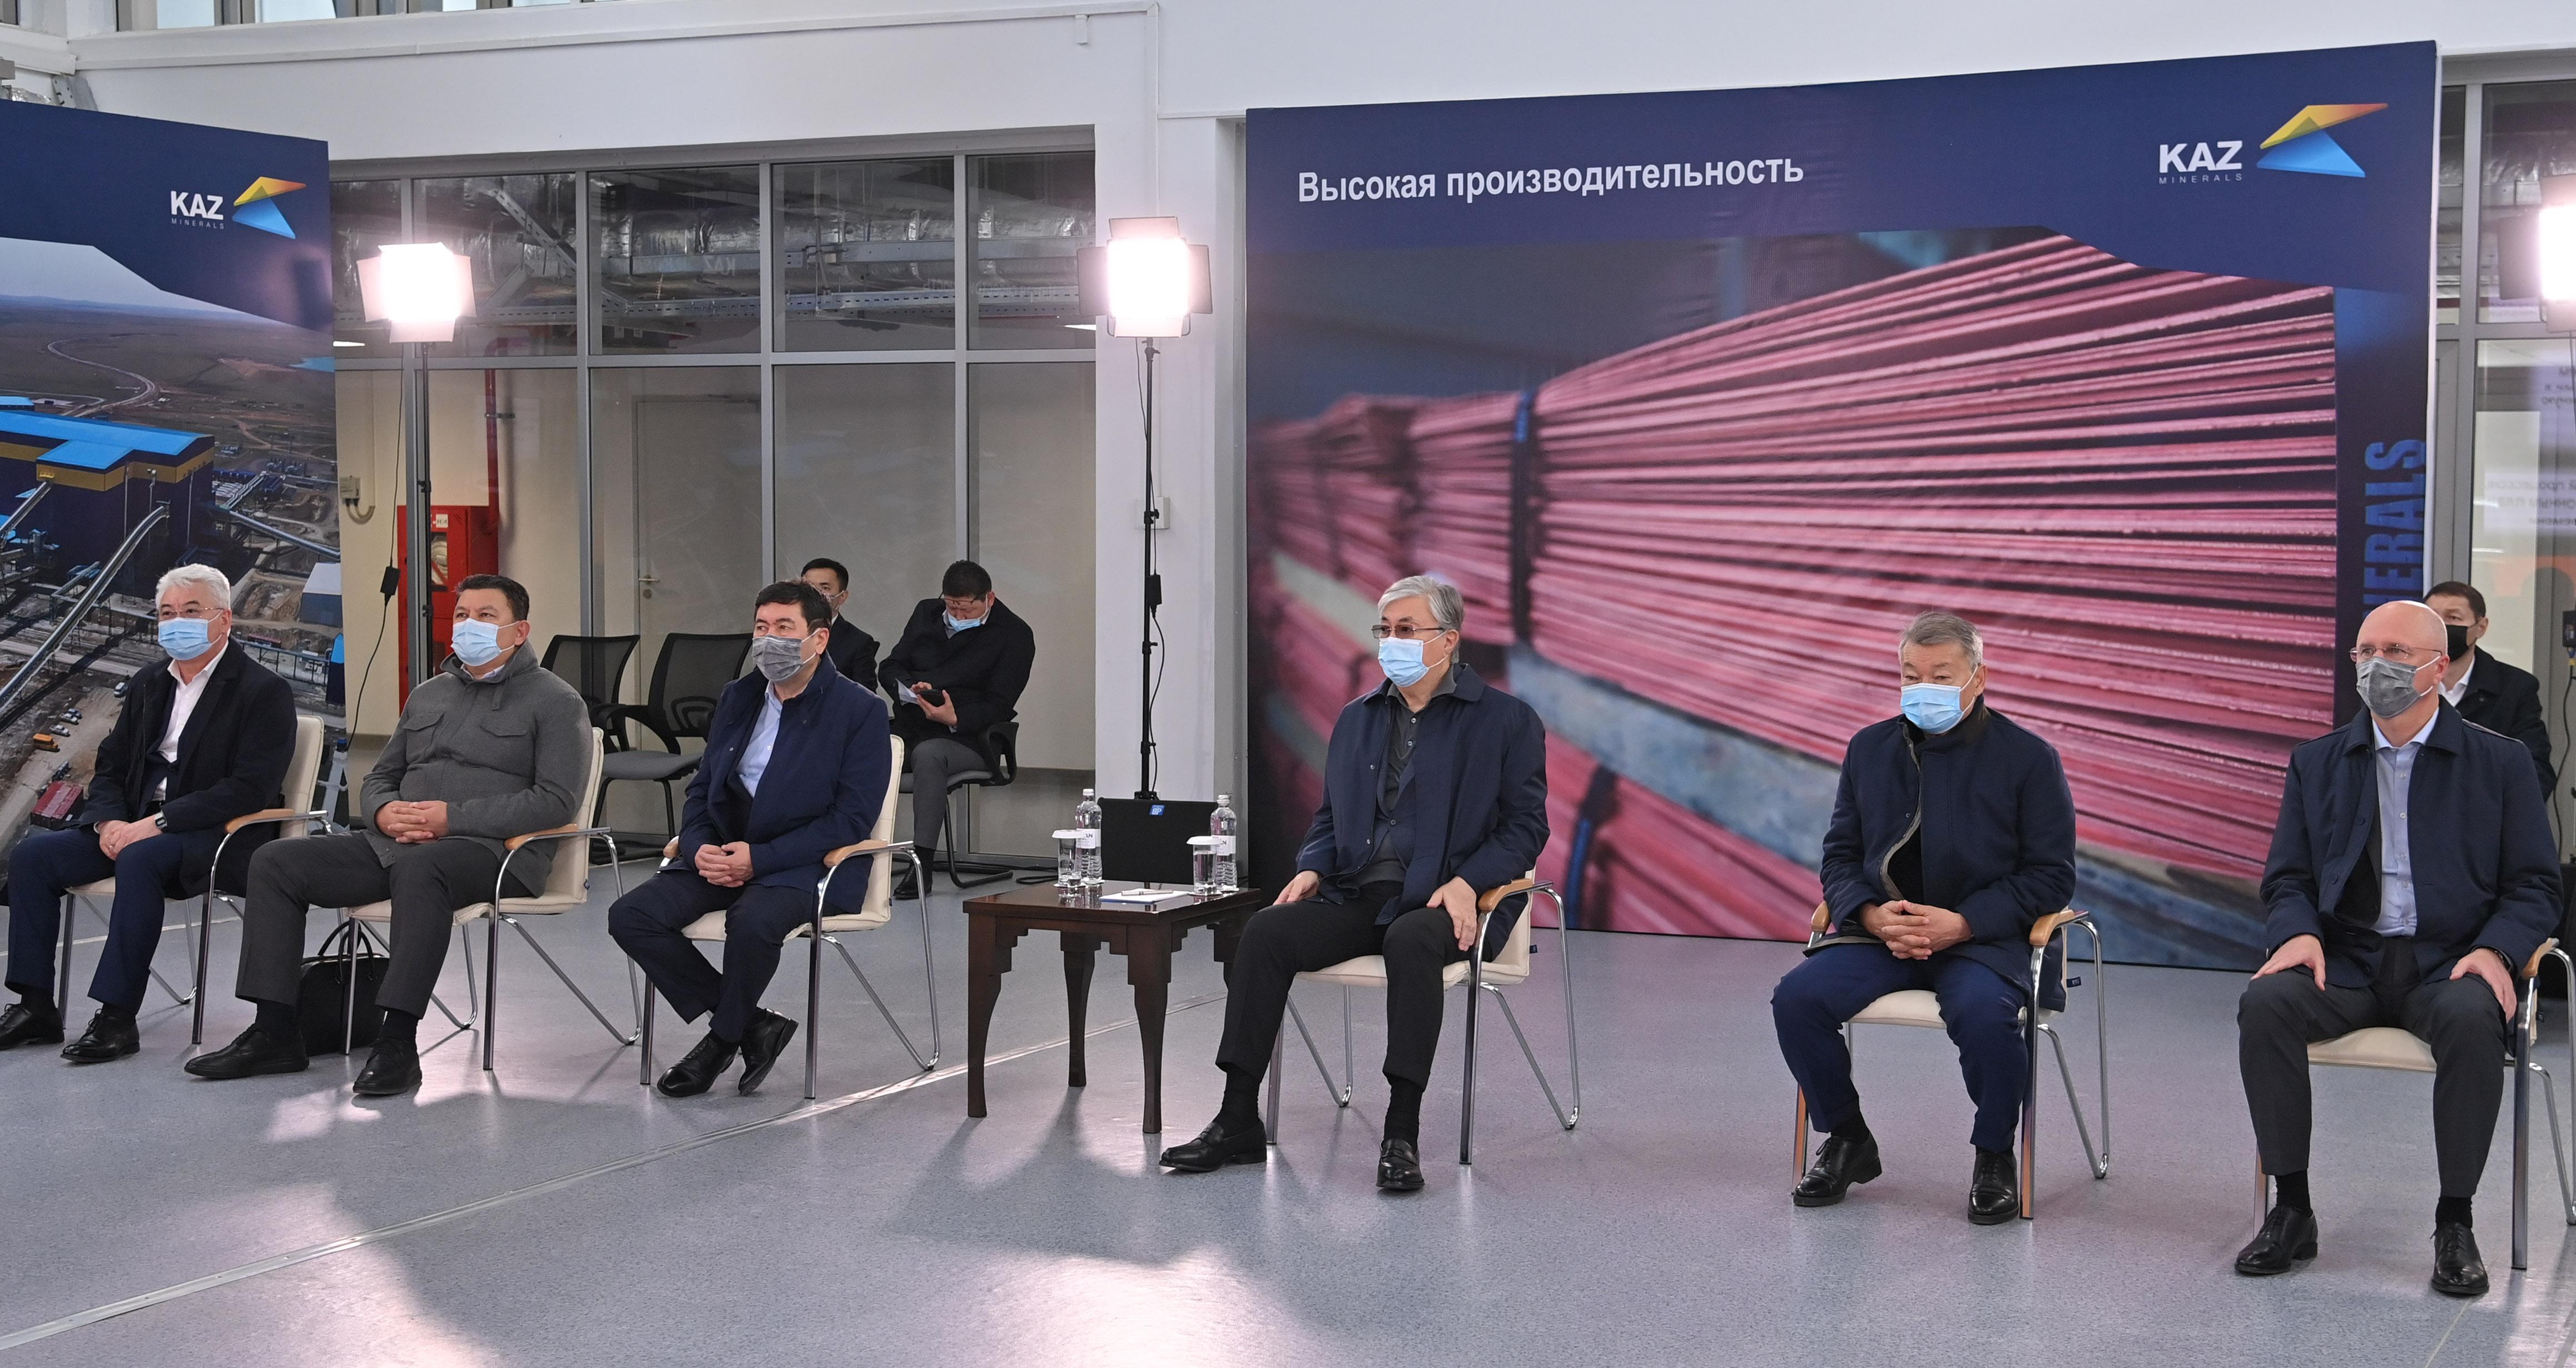 Касым-Жомарт Токаев дал официальный старт производству на новой сульфидной фабрике